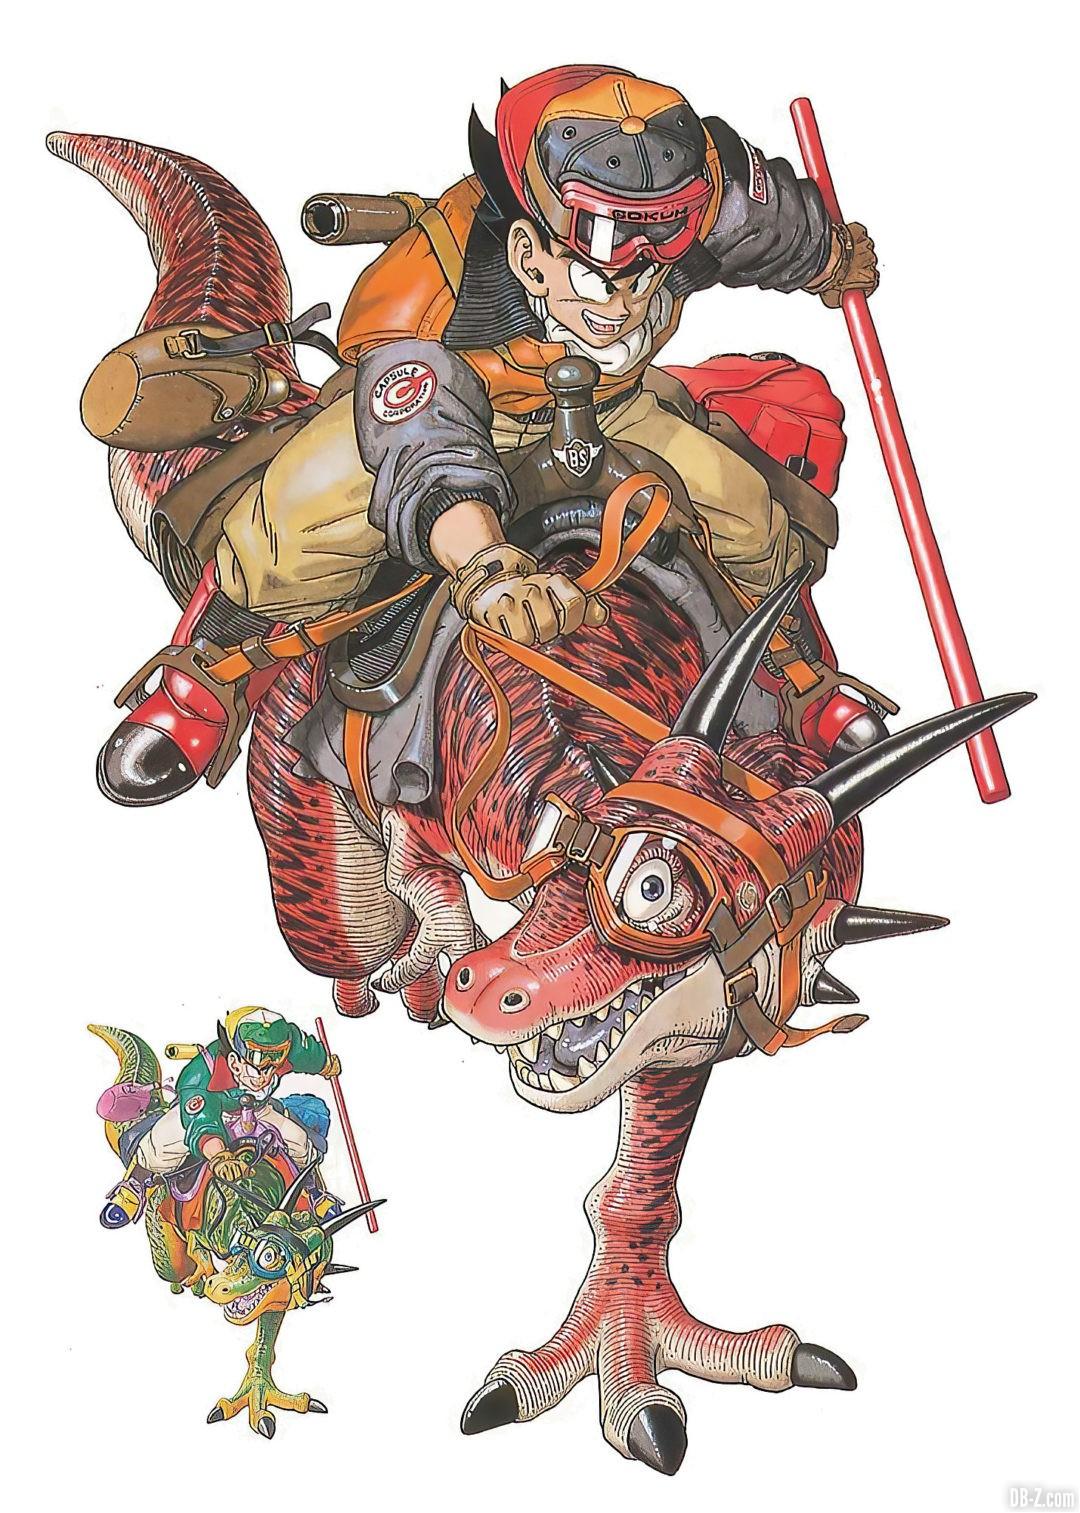 Goku-et-son-dinosaure-Akira-Toriyama-The-World-1